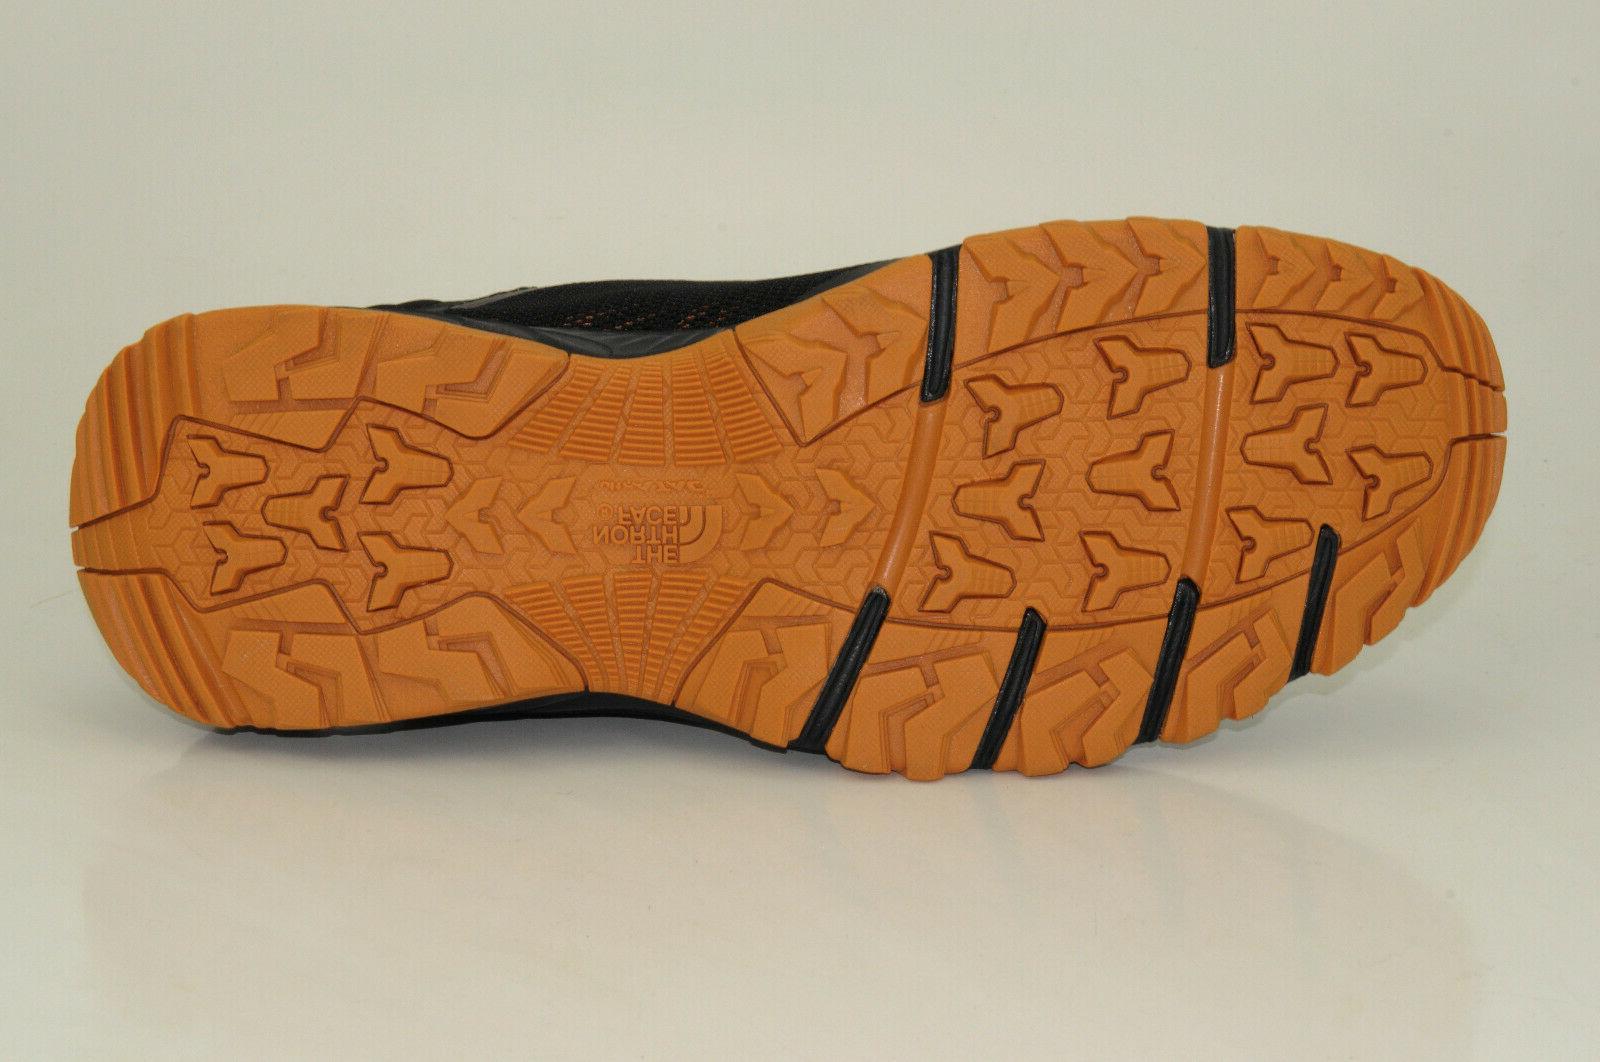 The North Face Litewave Amphibious Men Shoes